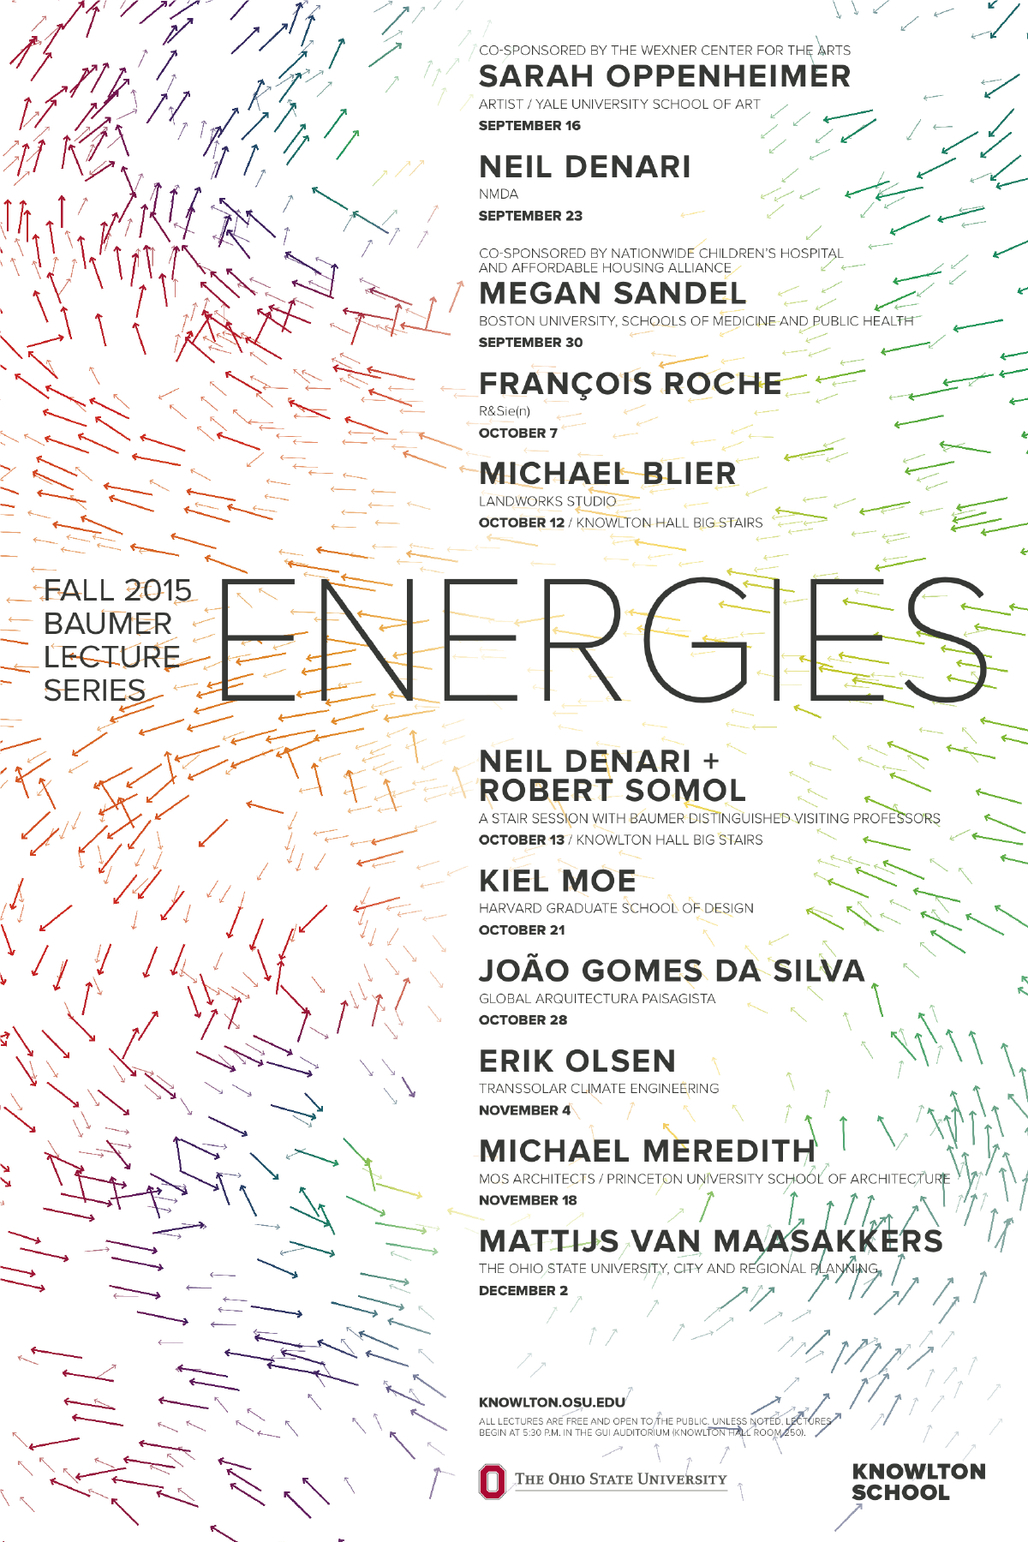 Poster via knowlton.osu.edu.